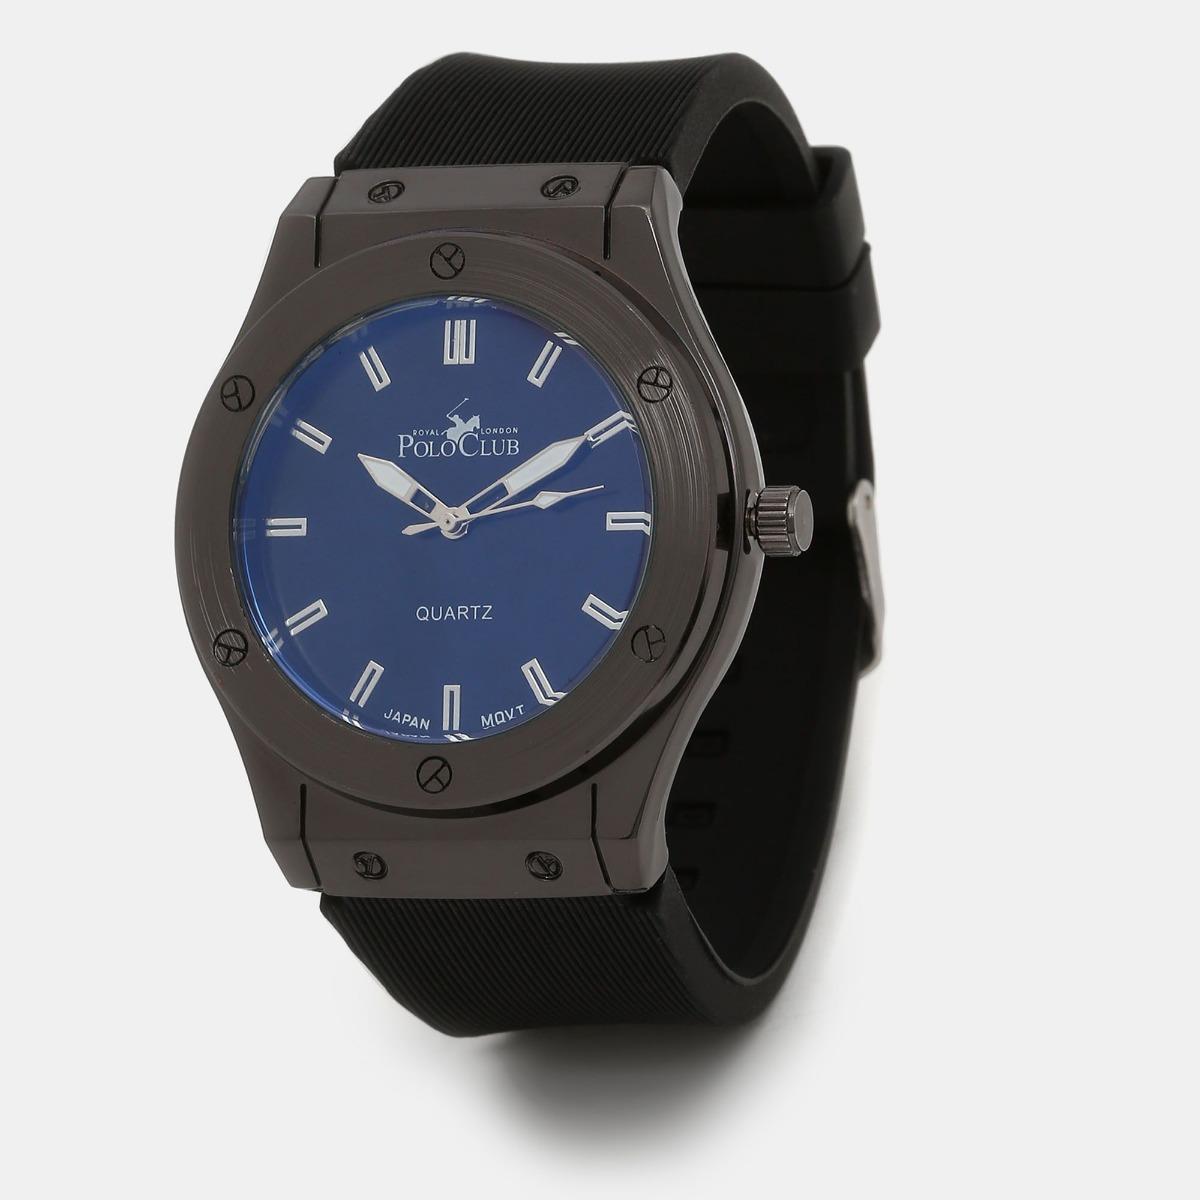 5f894aa19161 Reloj Hombre Mano Polo Club Caballero Negro Rlpc2903a -   549.00 en ...